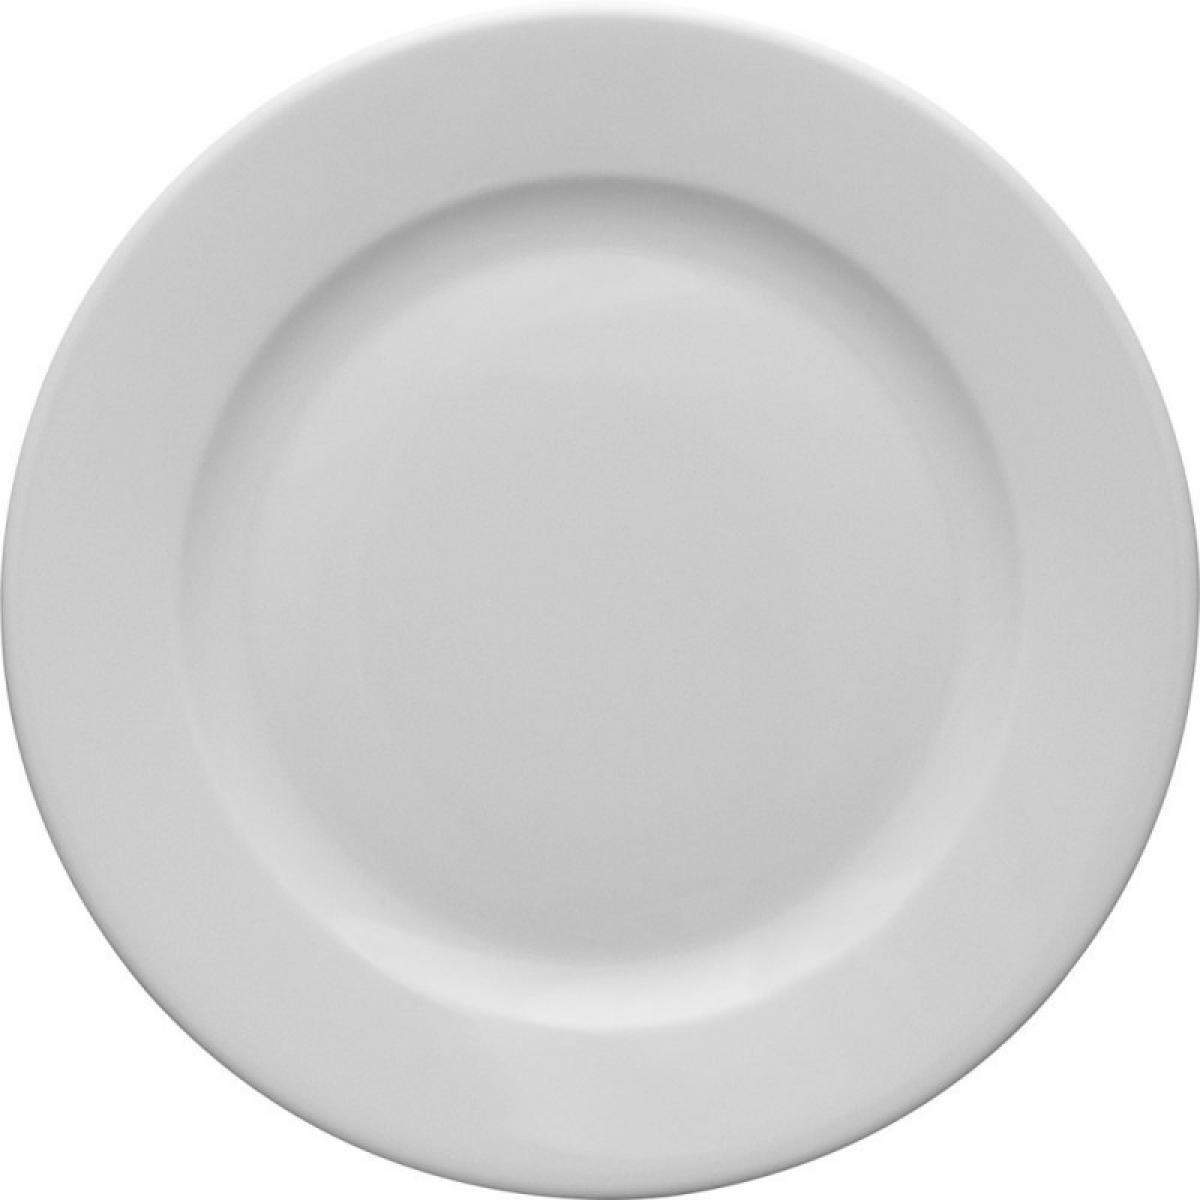 Materiel Chr Pro Assiette Plate en Porcelaine Kaszub Ø 170 à 265 mm - Lot de 6 - Stalgast - 17 cm Porcelaine 17